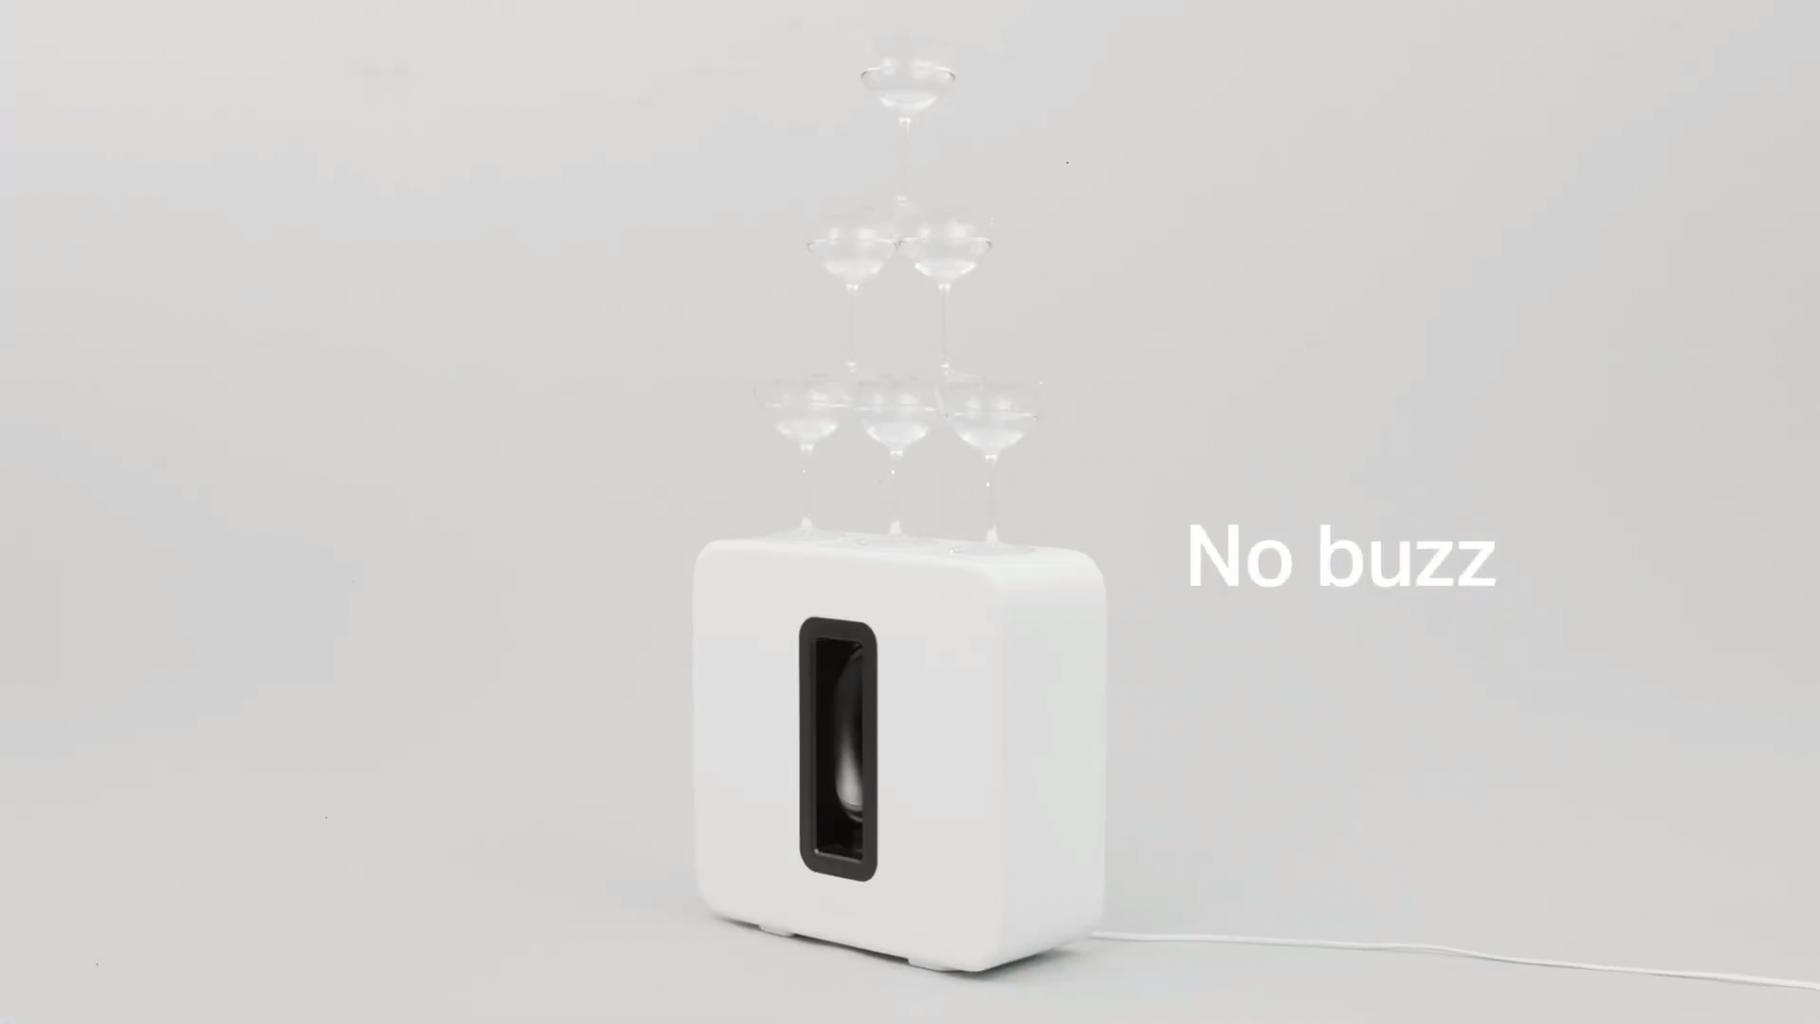 Sonos-Sub-no-buzz.png